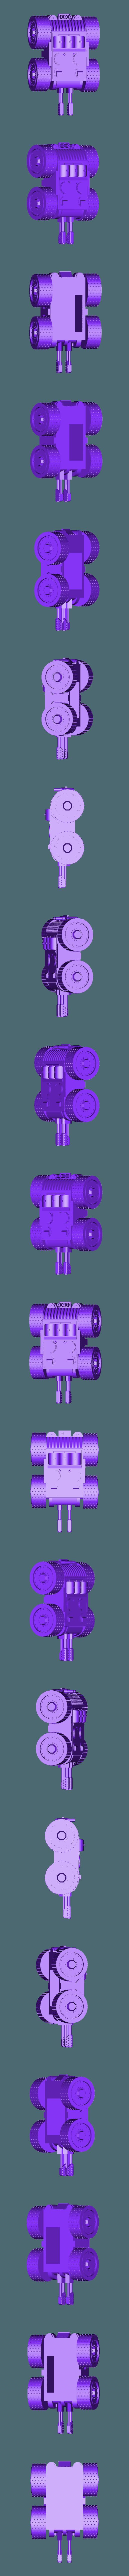 test_complete_model_do_not_print.stl Télécharger fichier STL gratuit Vehcile de jeu de science-fiction Flamwagen à 4 rayons • Objet imprimable en 3D, redstarkits